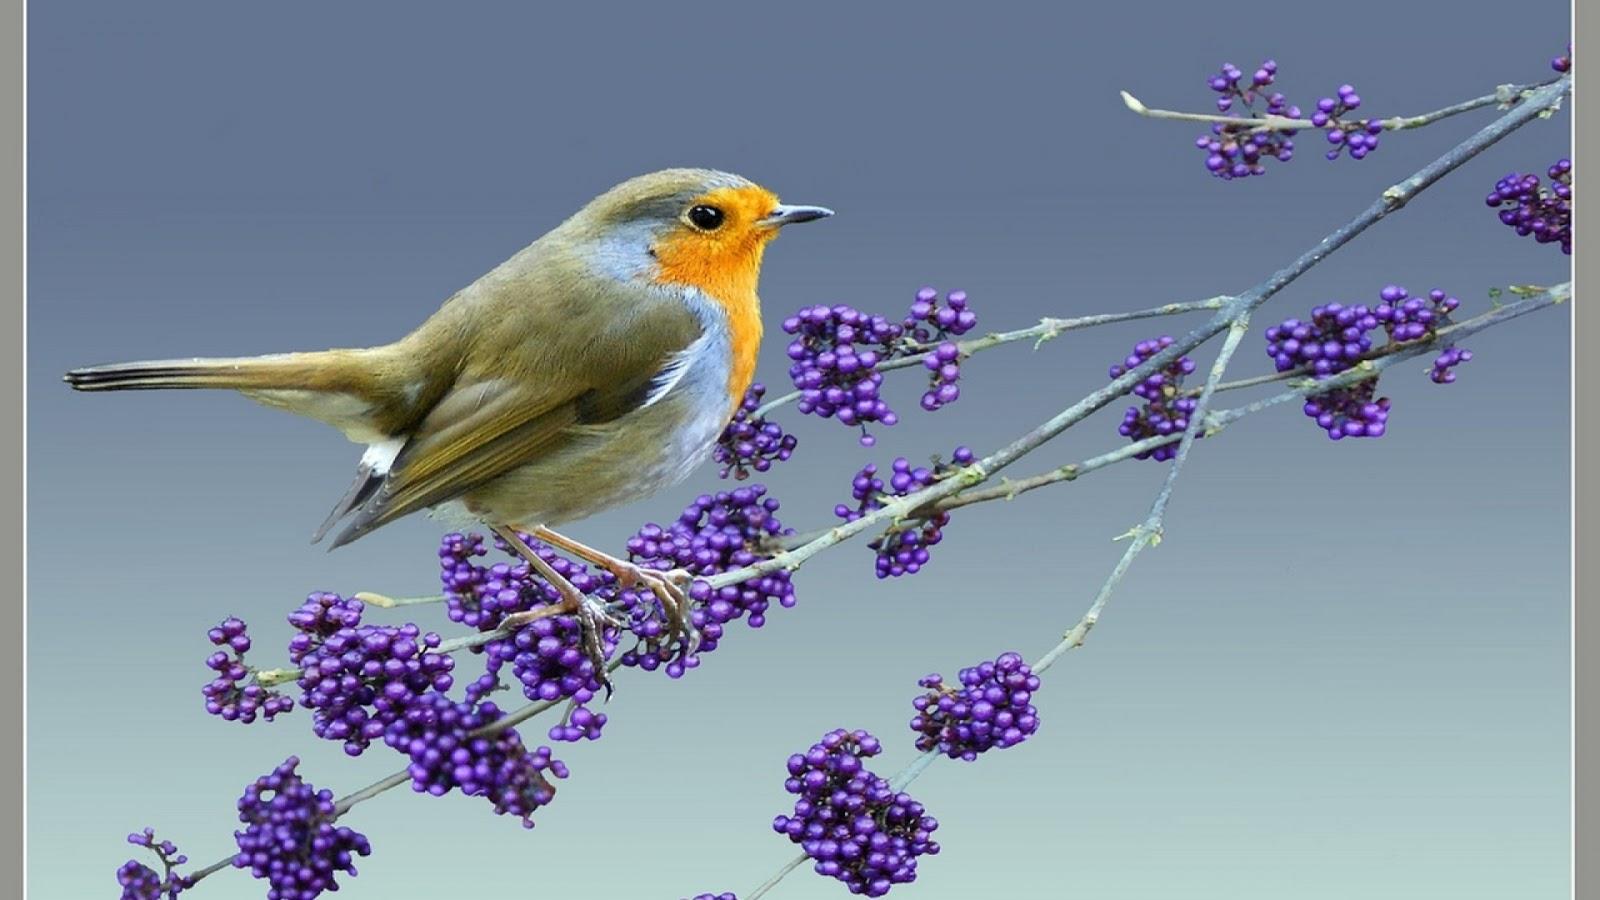 خلفية طير ذو دقن اصفر, Wallpapers, Wallpapers Birds, Wallpapers 8k, 8K خلفيات, خلفيات, خلفيات طيور,